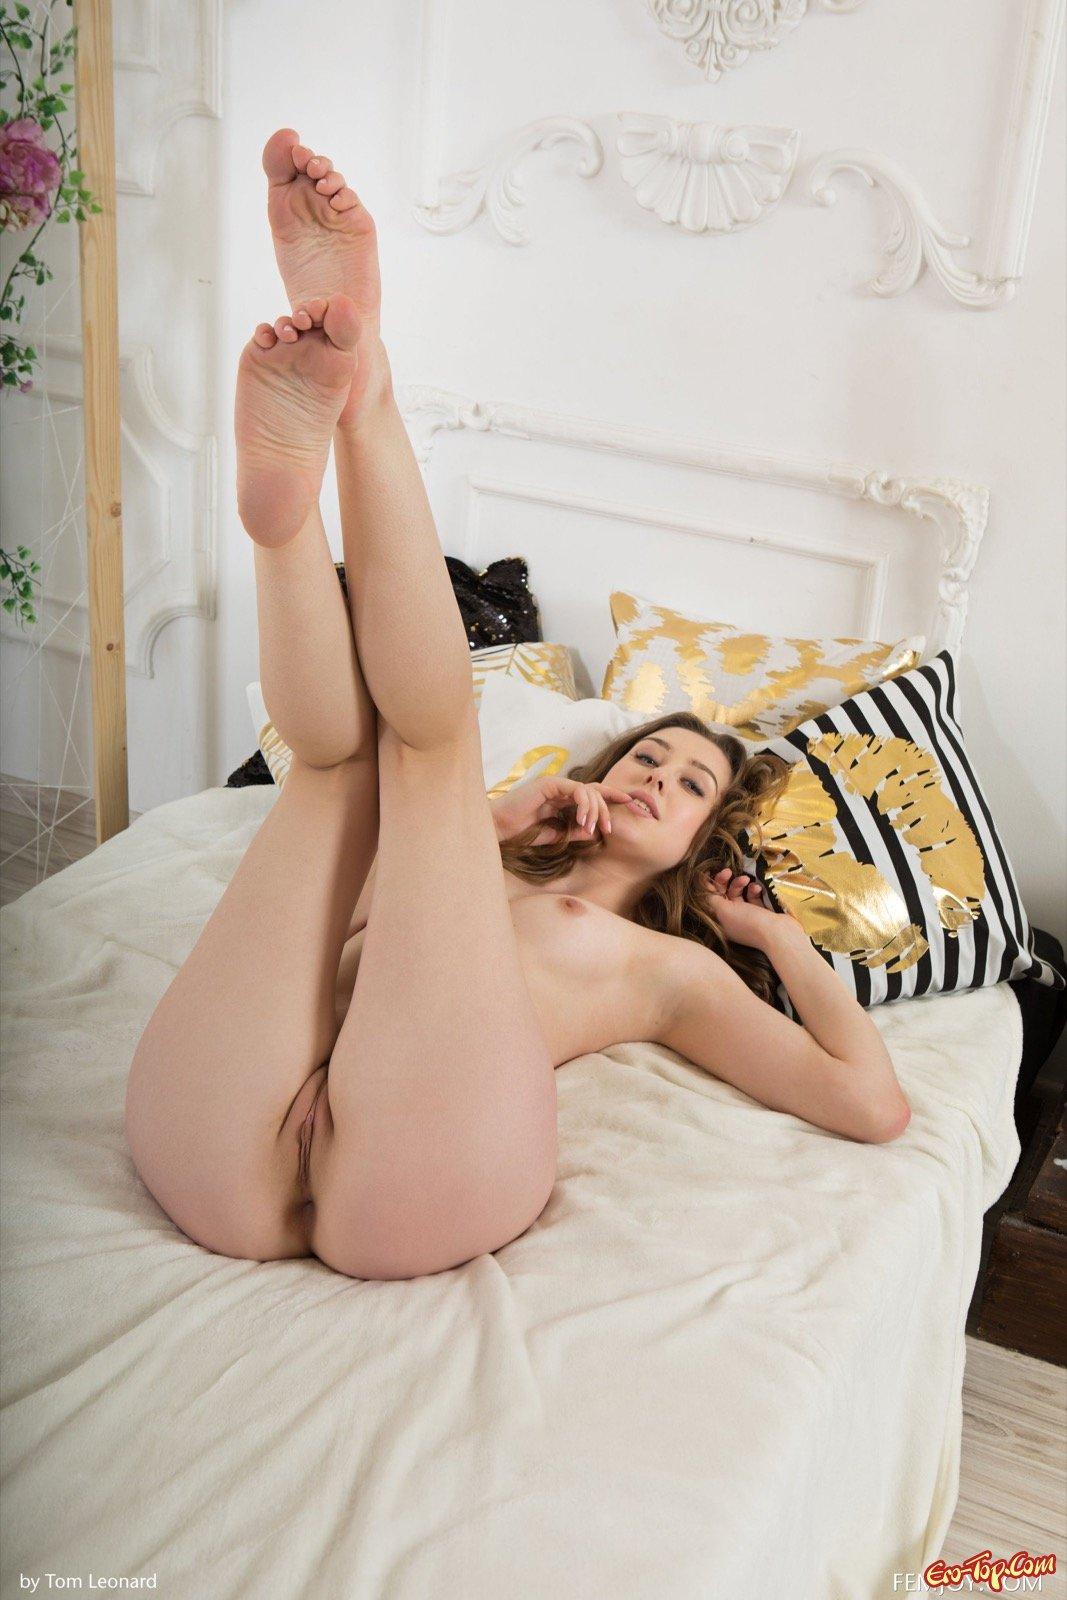 Голая девушка с волосатым лобком лежит в постели